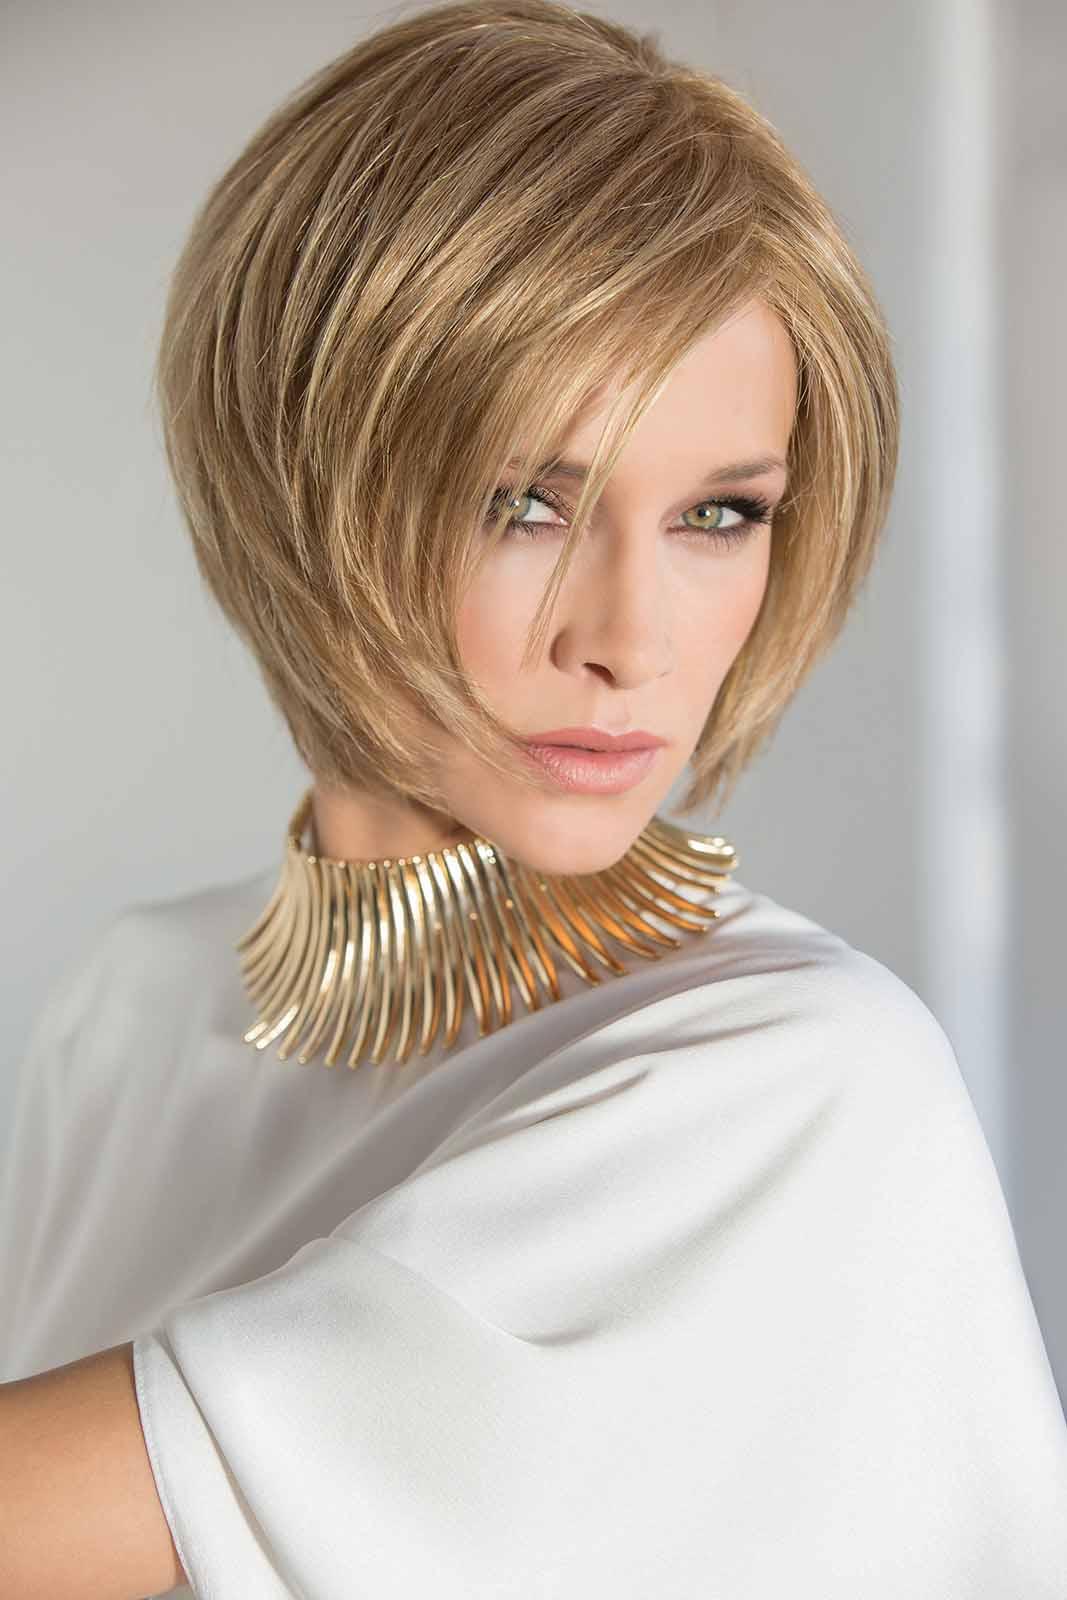 ladies wigs mid length blonde